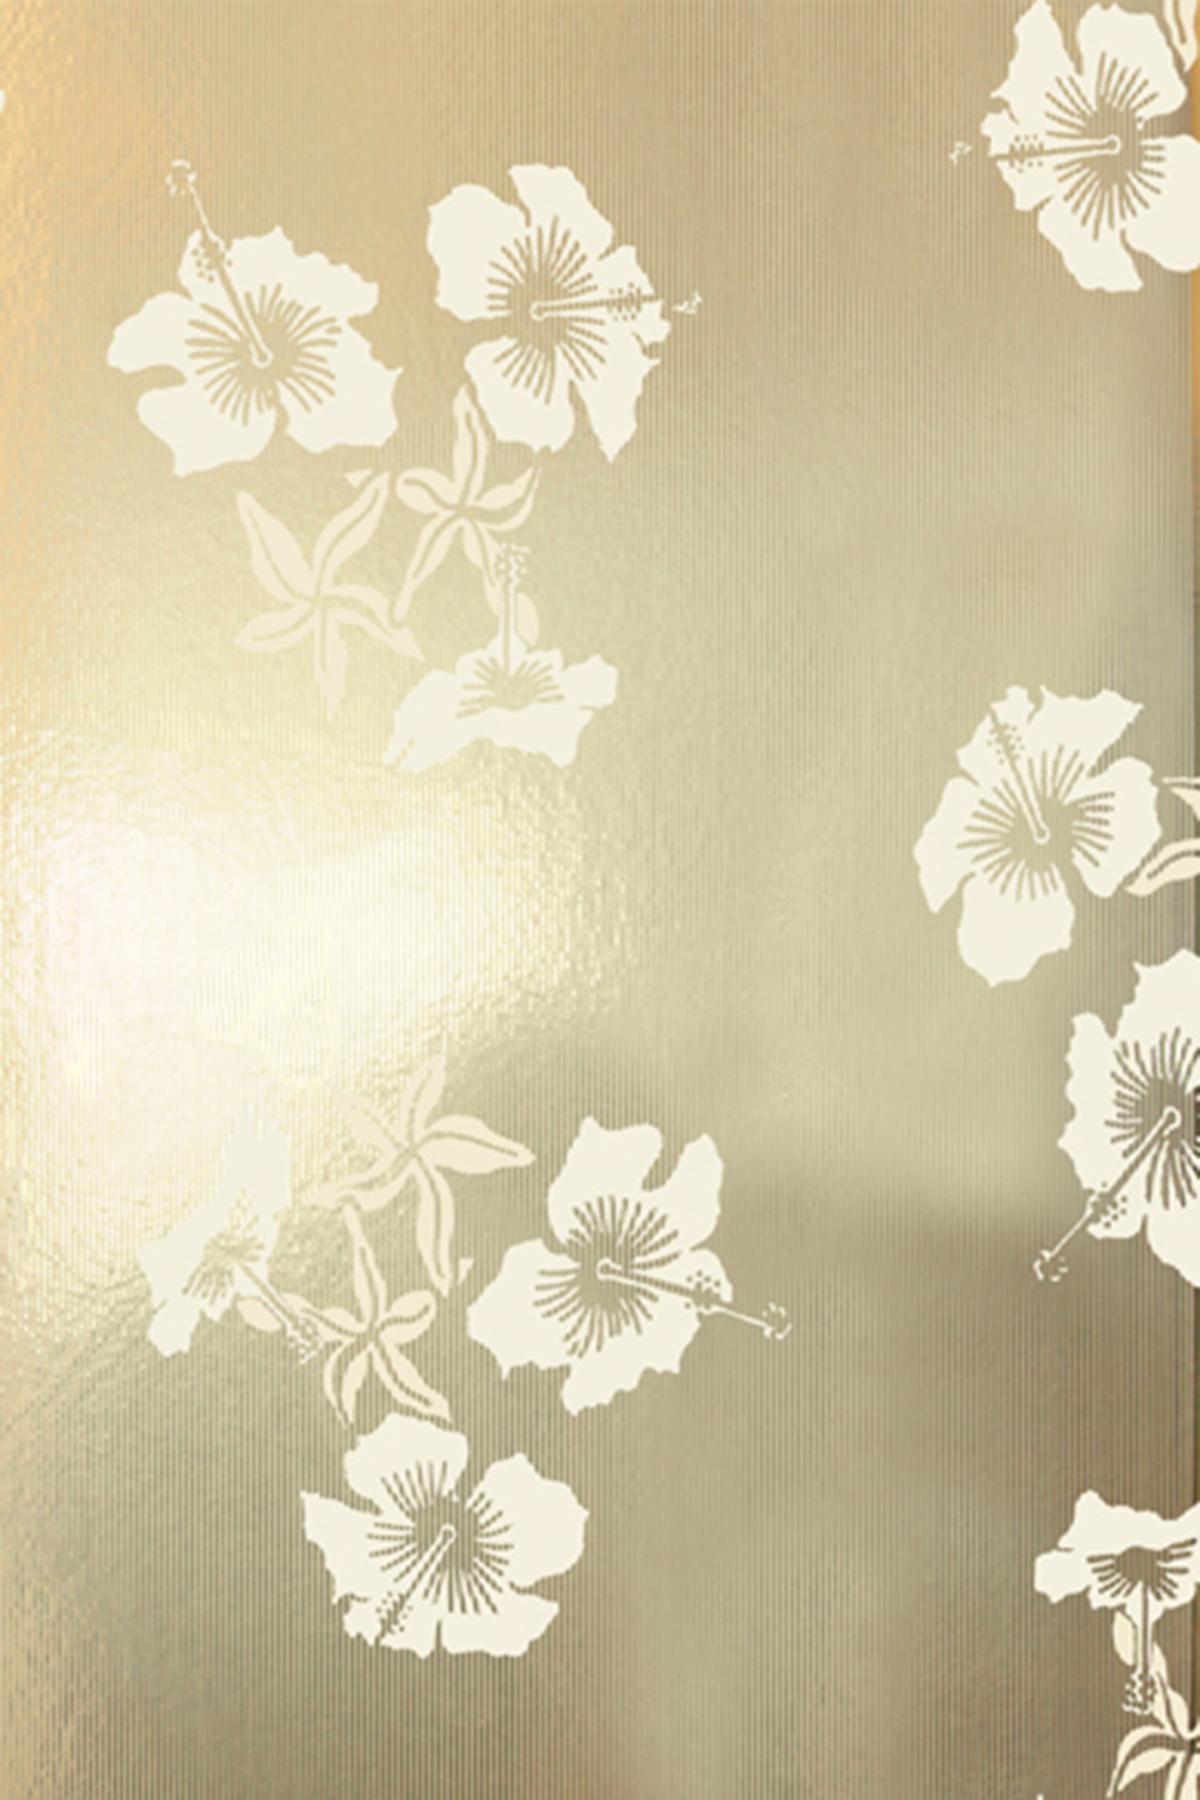 Hibiscus Wallpaper   Gold and Cream Monument Interiors 1200x1800